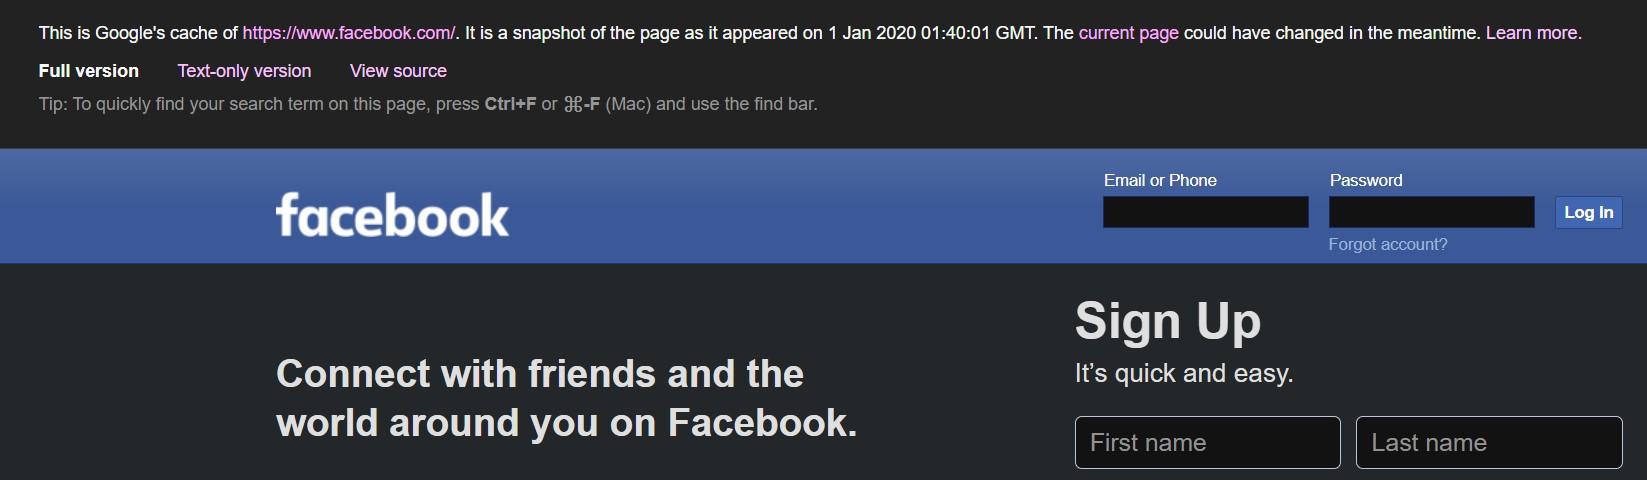 facebook cache